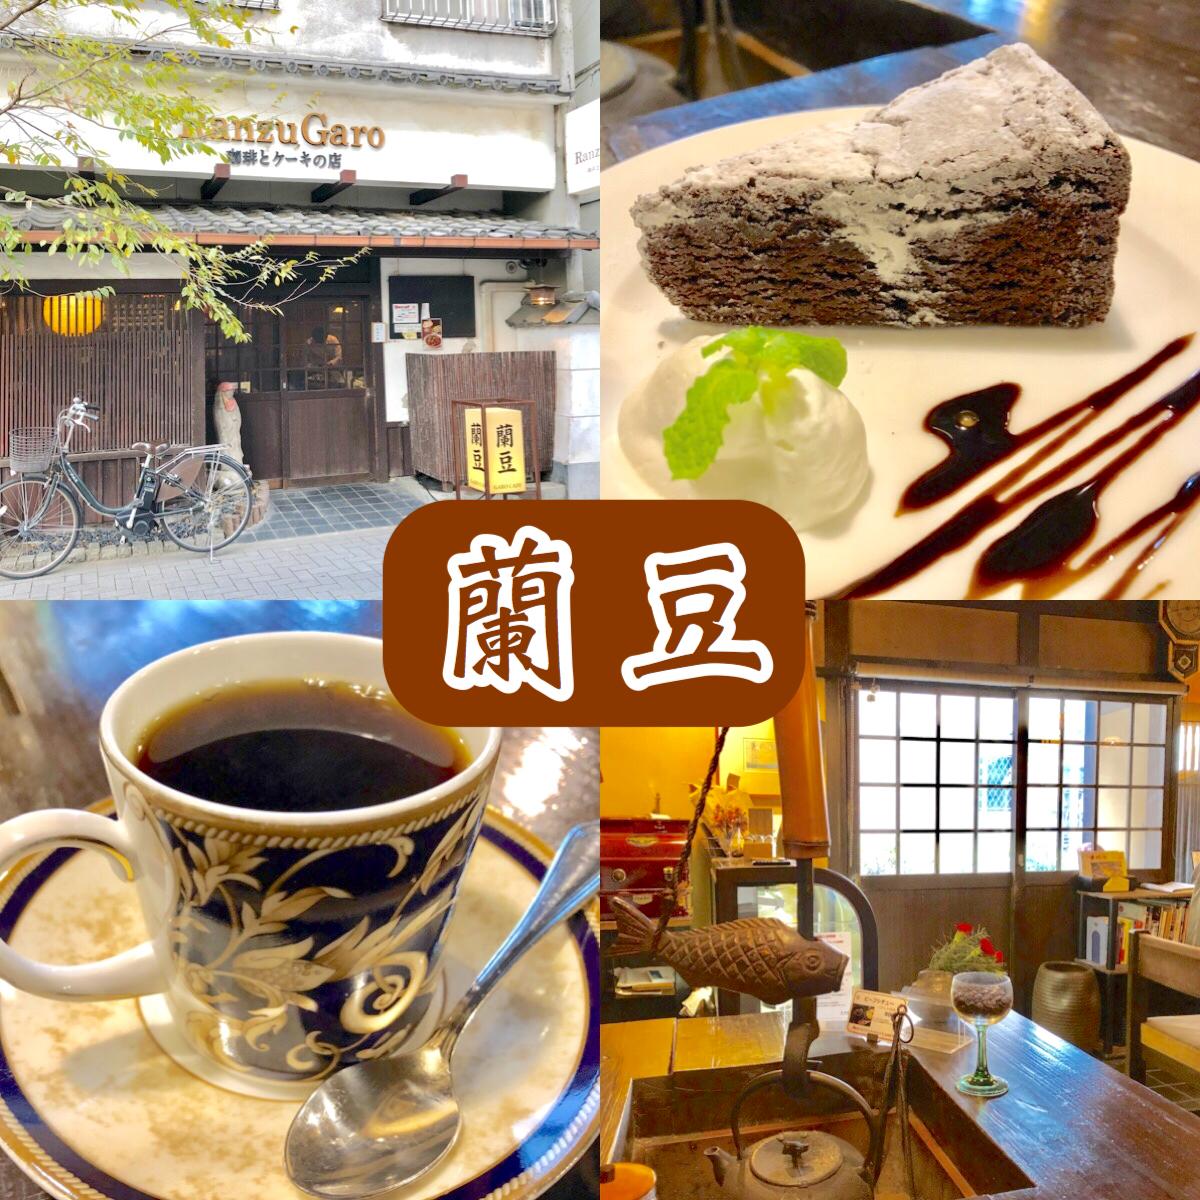 北浦和・蘭豆 古民家風のレトロ喫茶店でケーキ&コーヒーを味わう